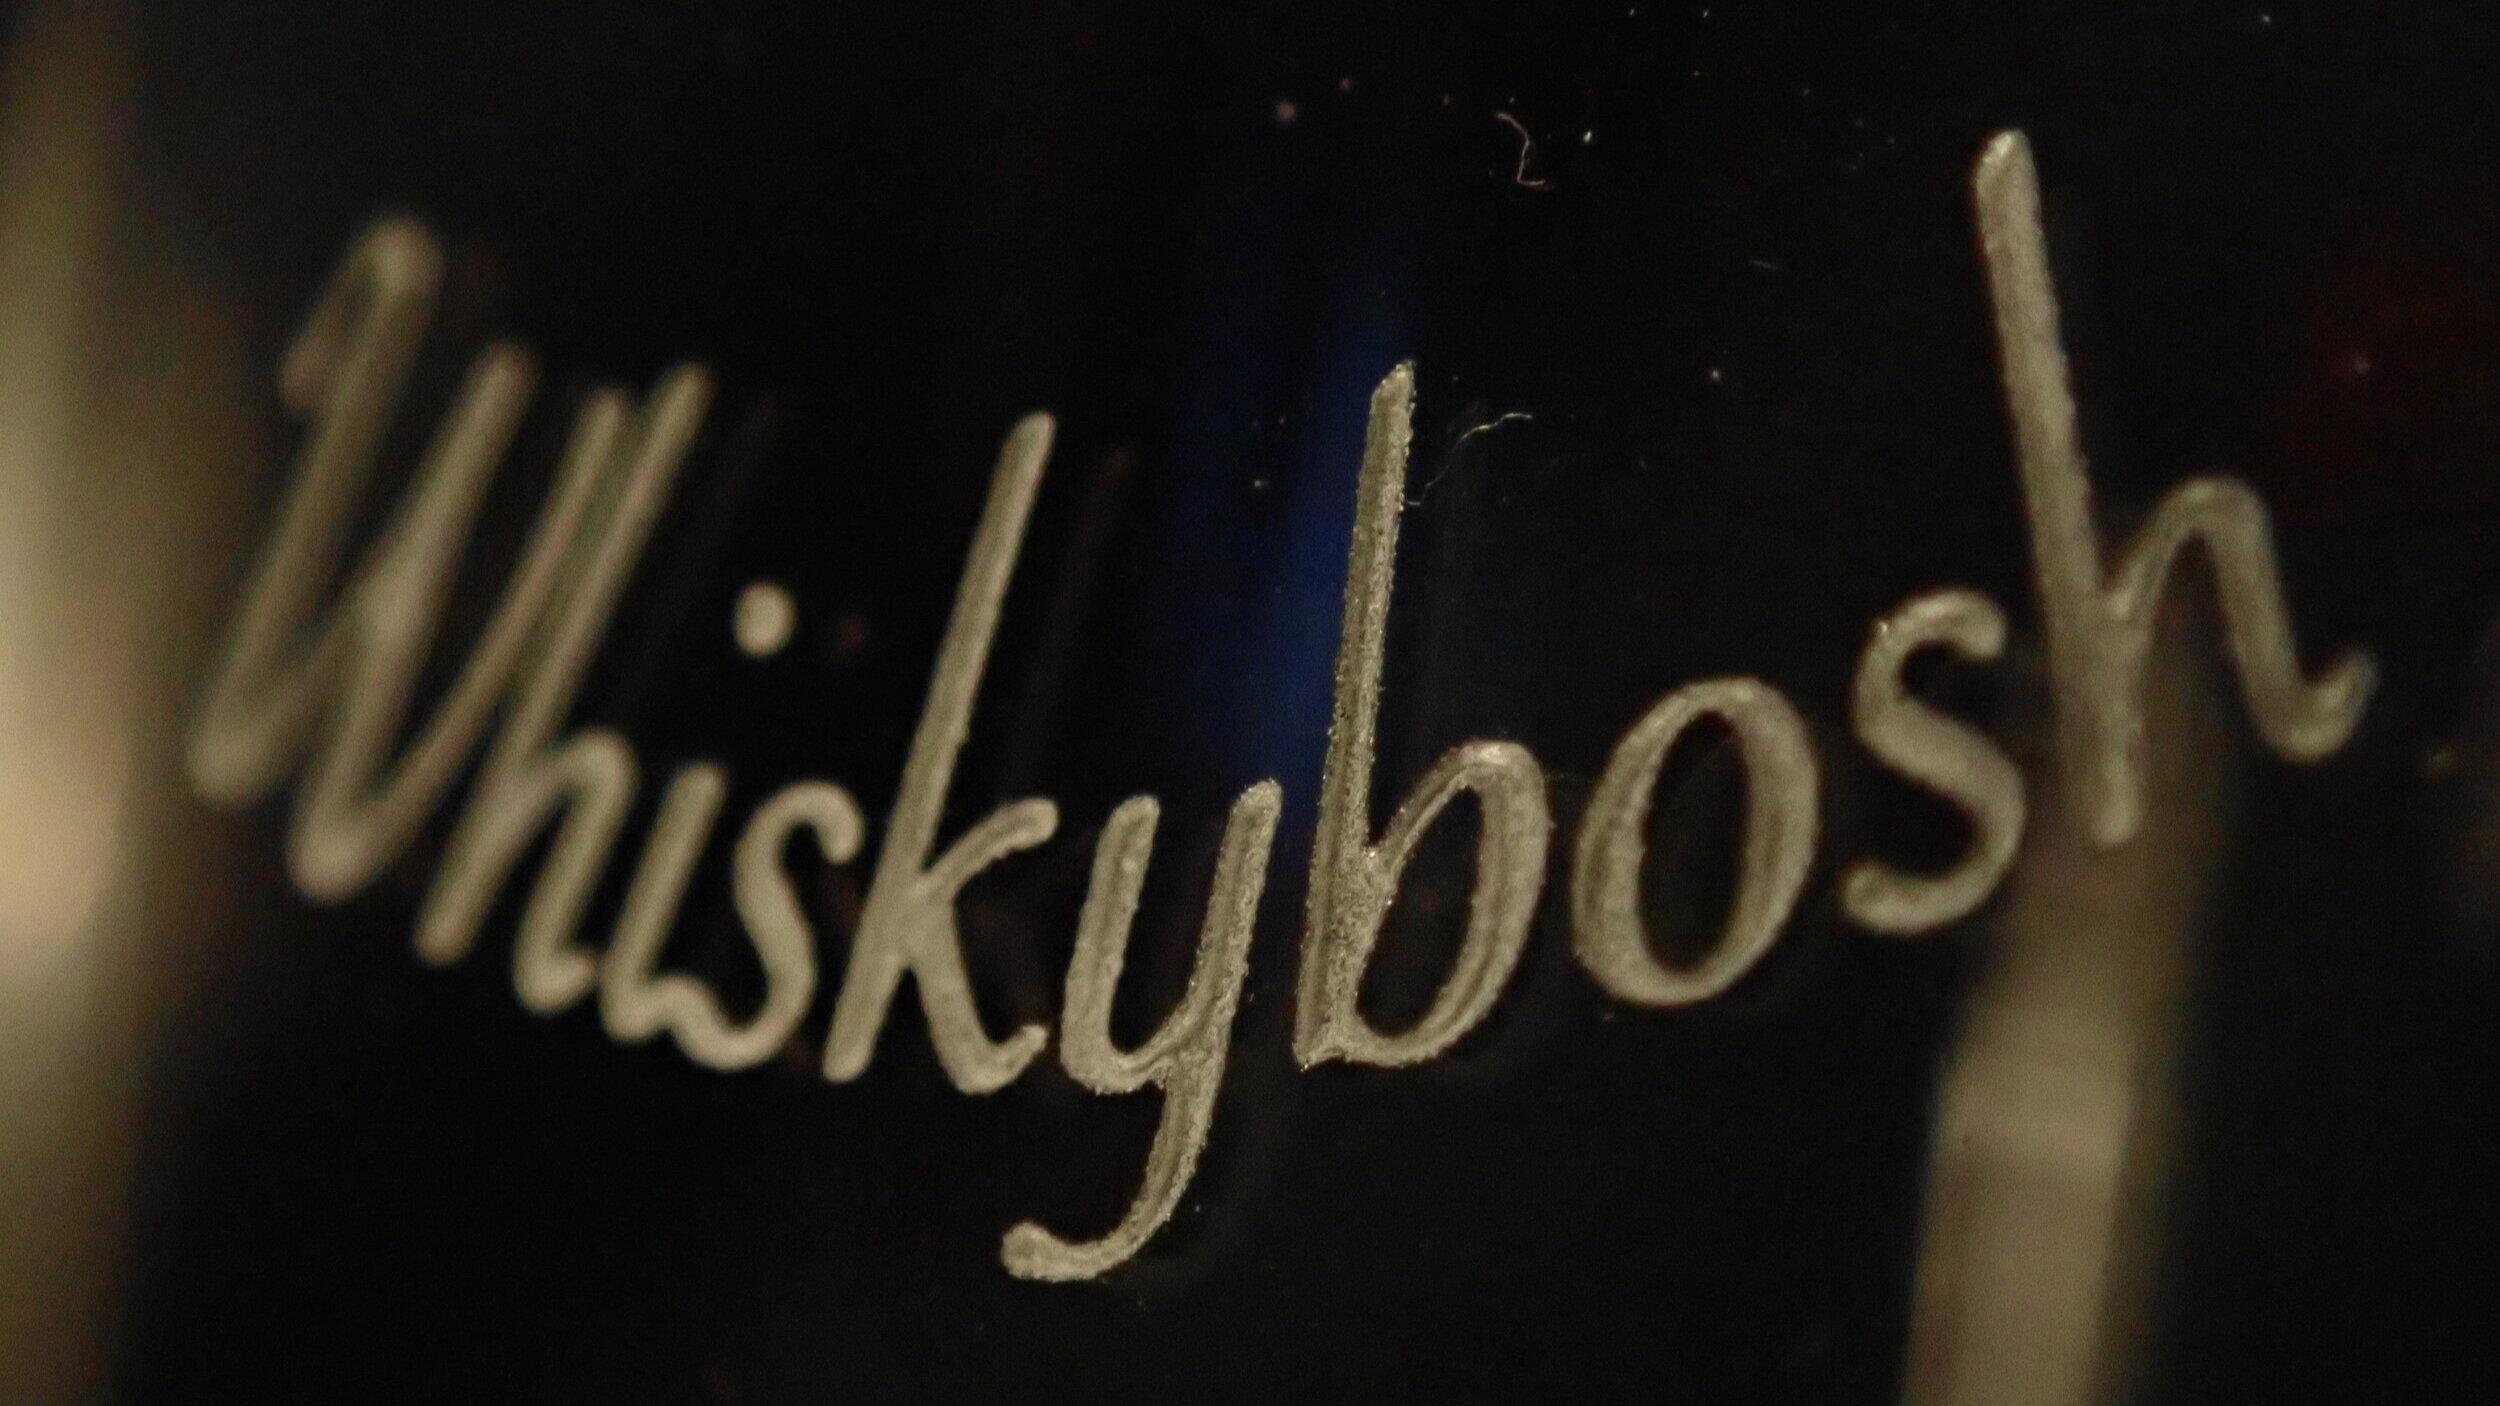 Engraved malt scotch whisky glass.